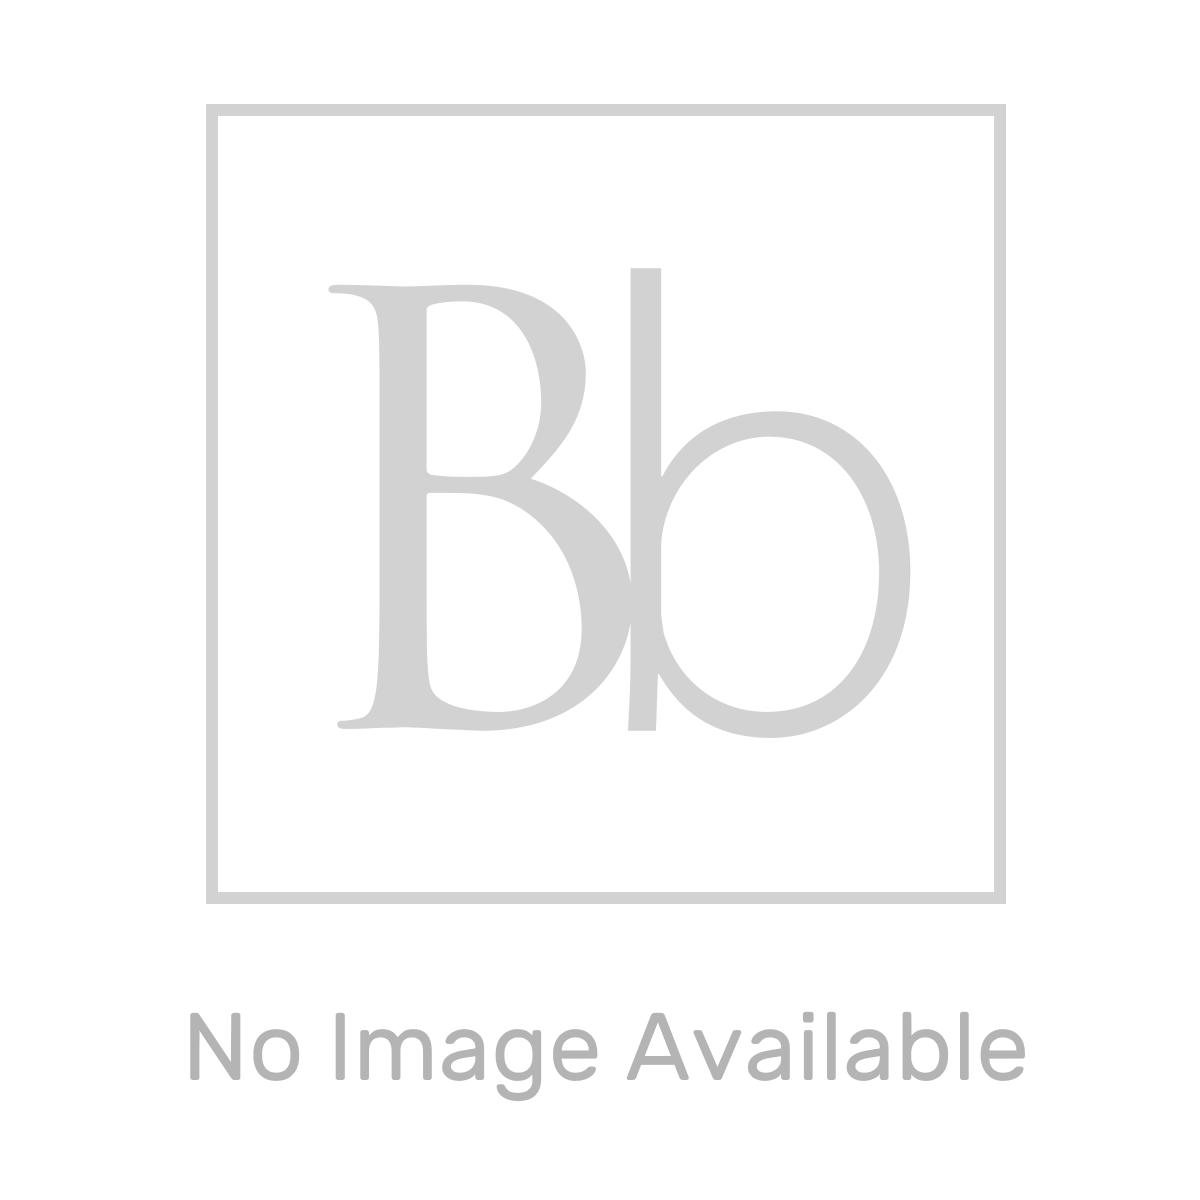 Nuie Athena Stone Grey 2 Door Floor Standing Vanity Unit with 18mm Worktop 600mm